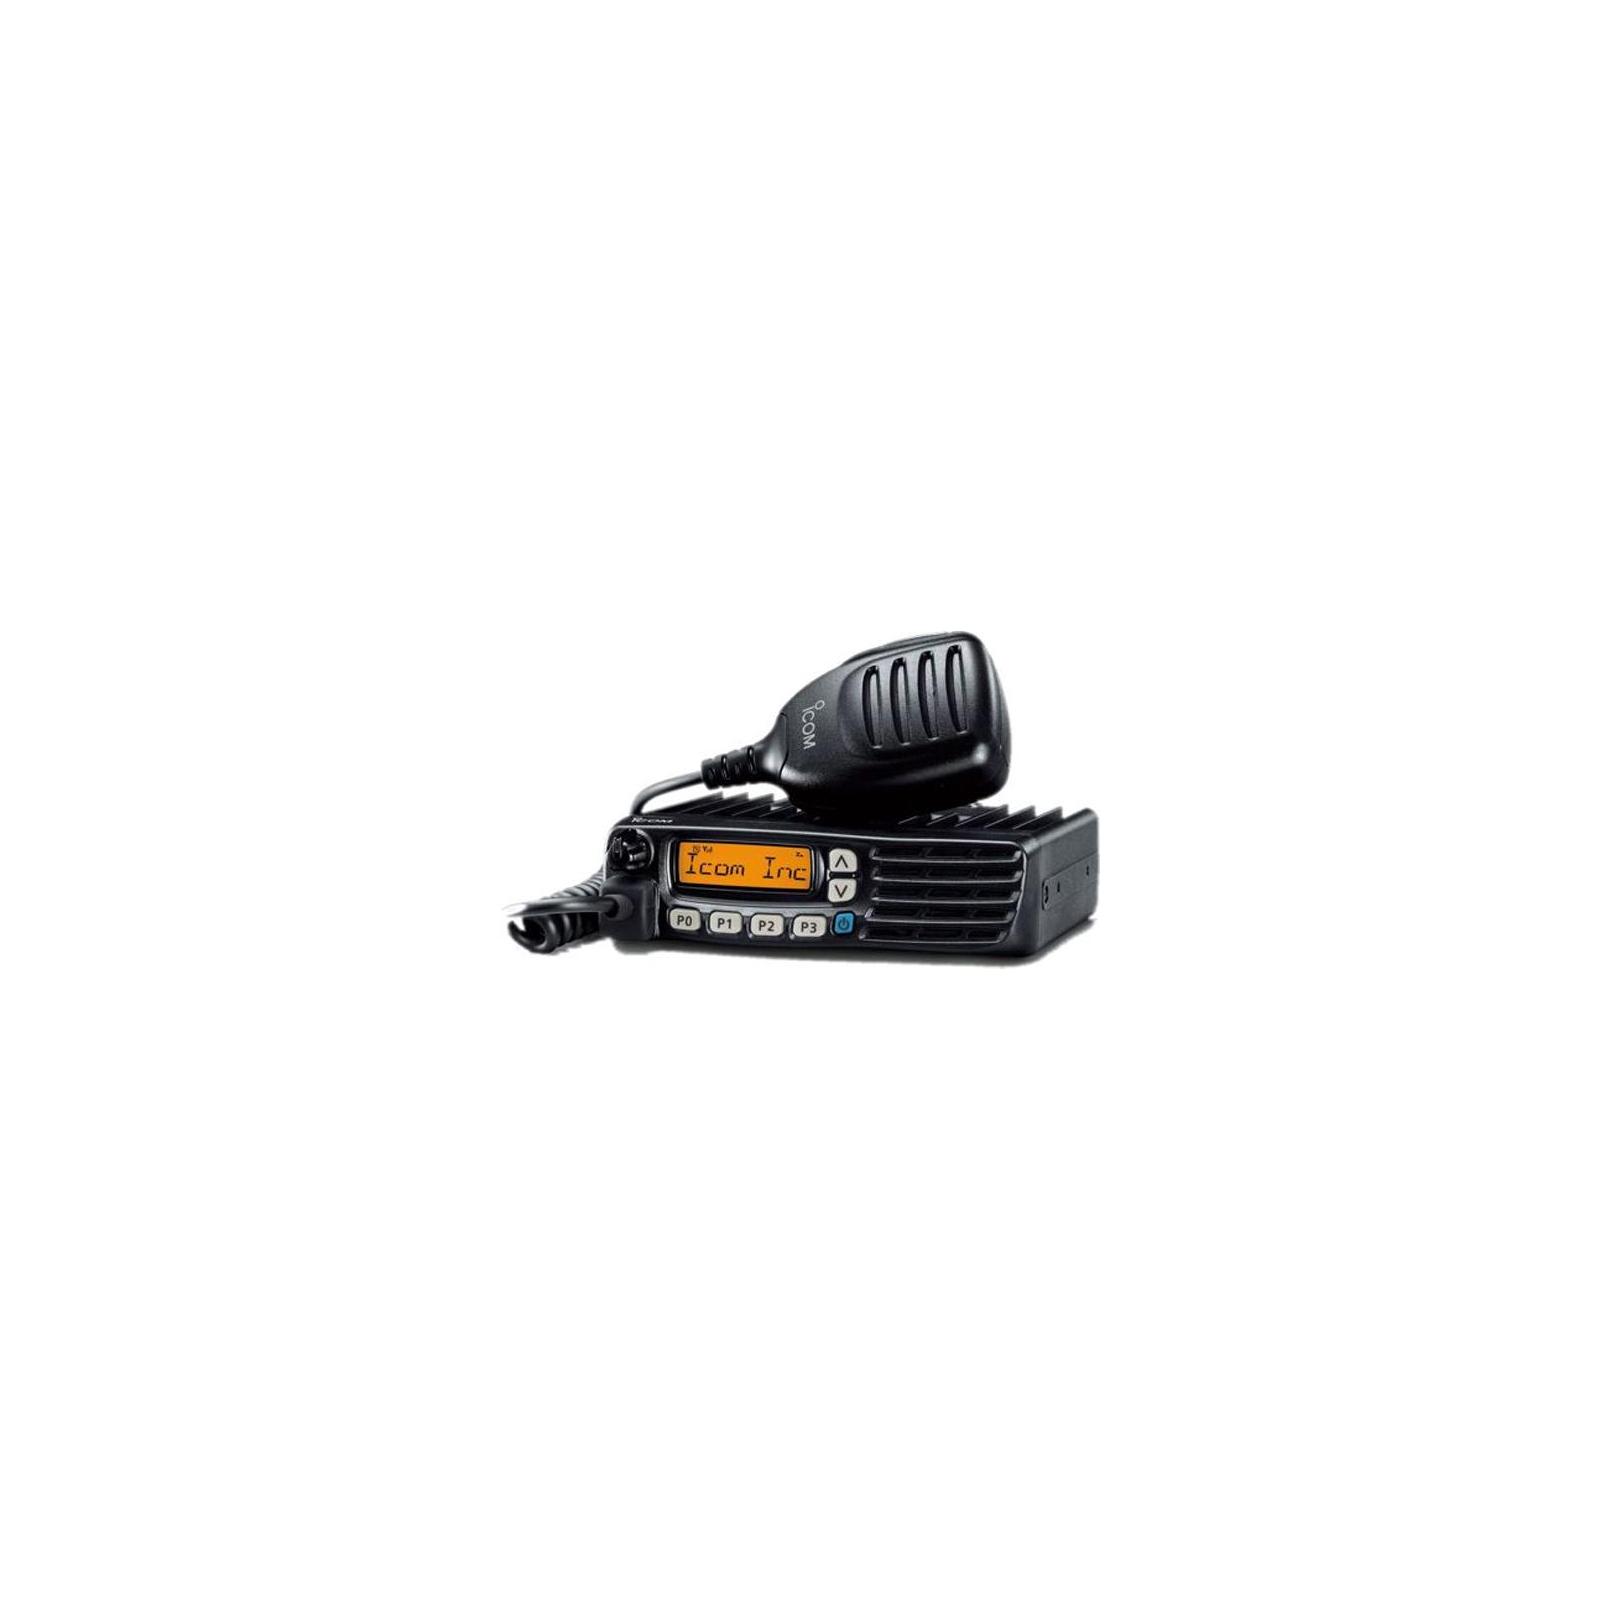 Портативная рация Icom IC-F5026 #04  136-174 МГц изображение 2